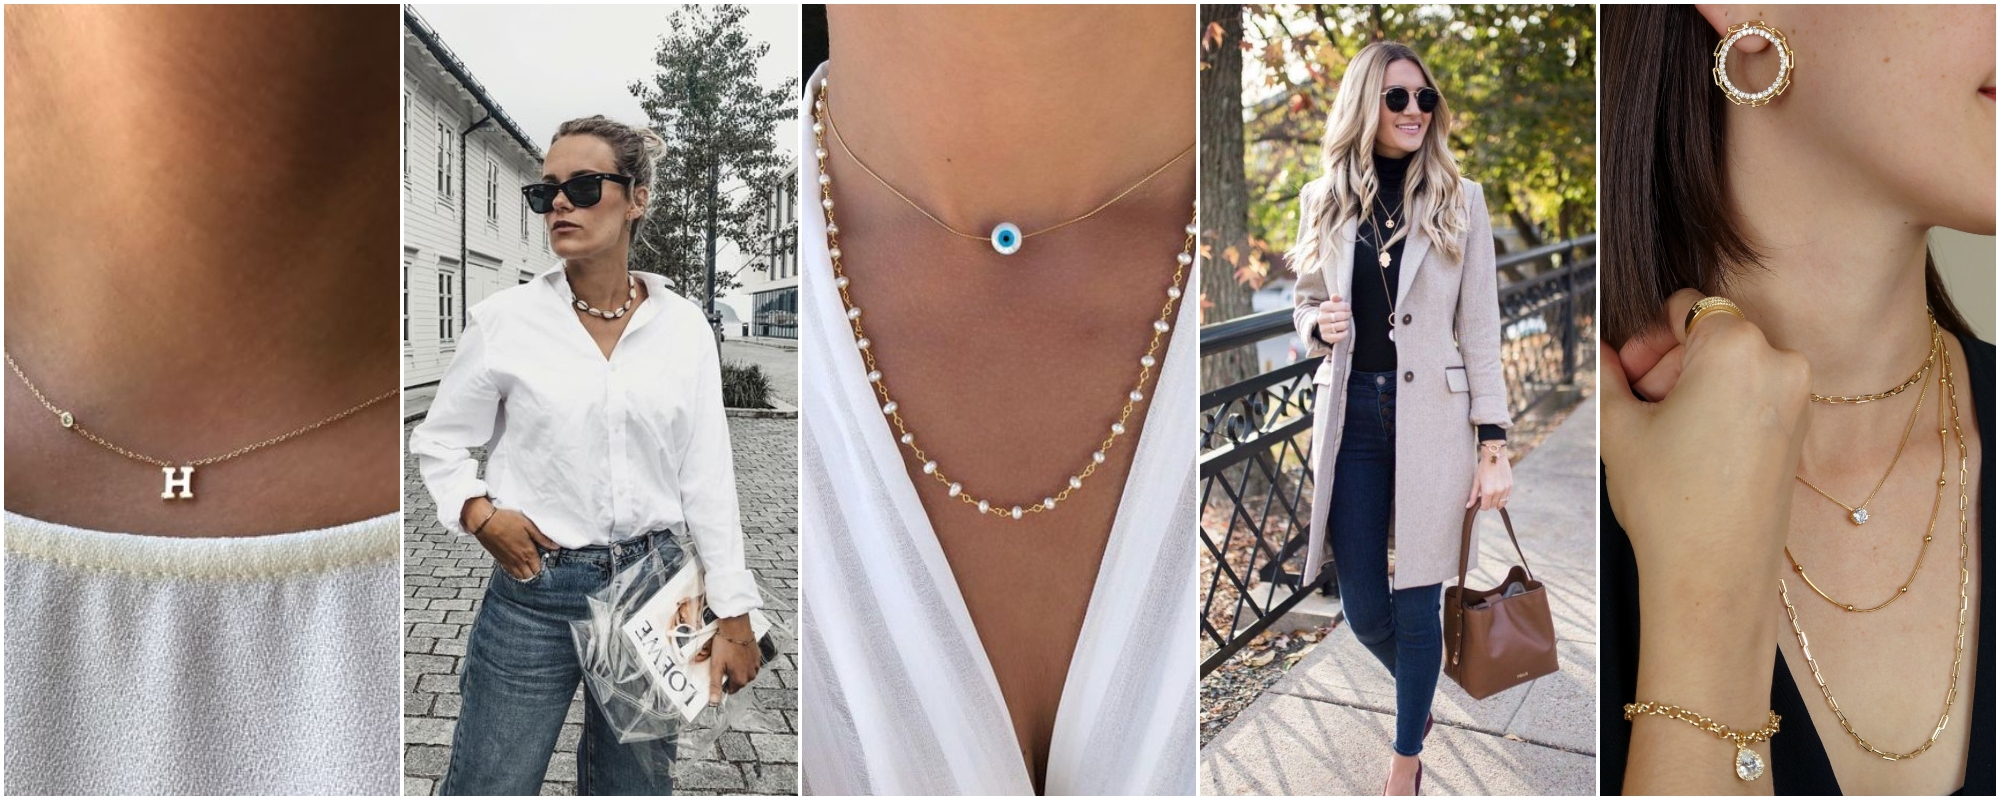 6 colares da moda para conhecer e arrasar em 2019